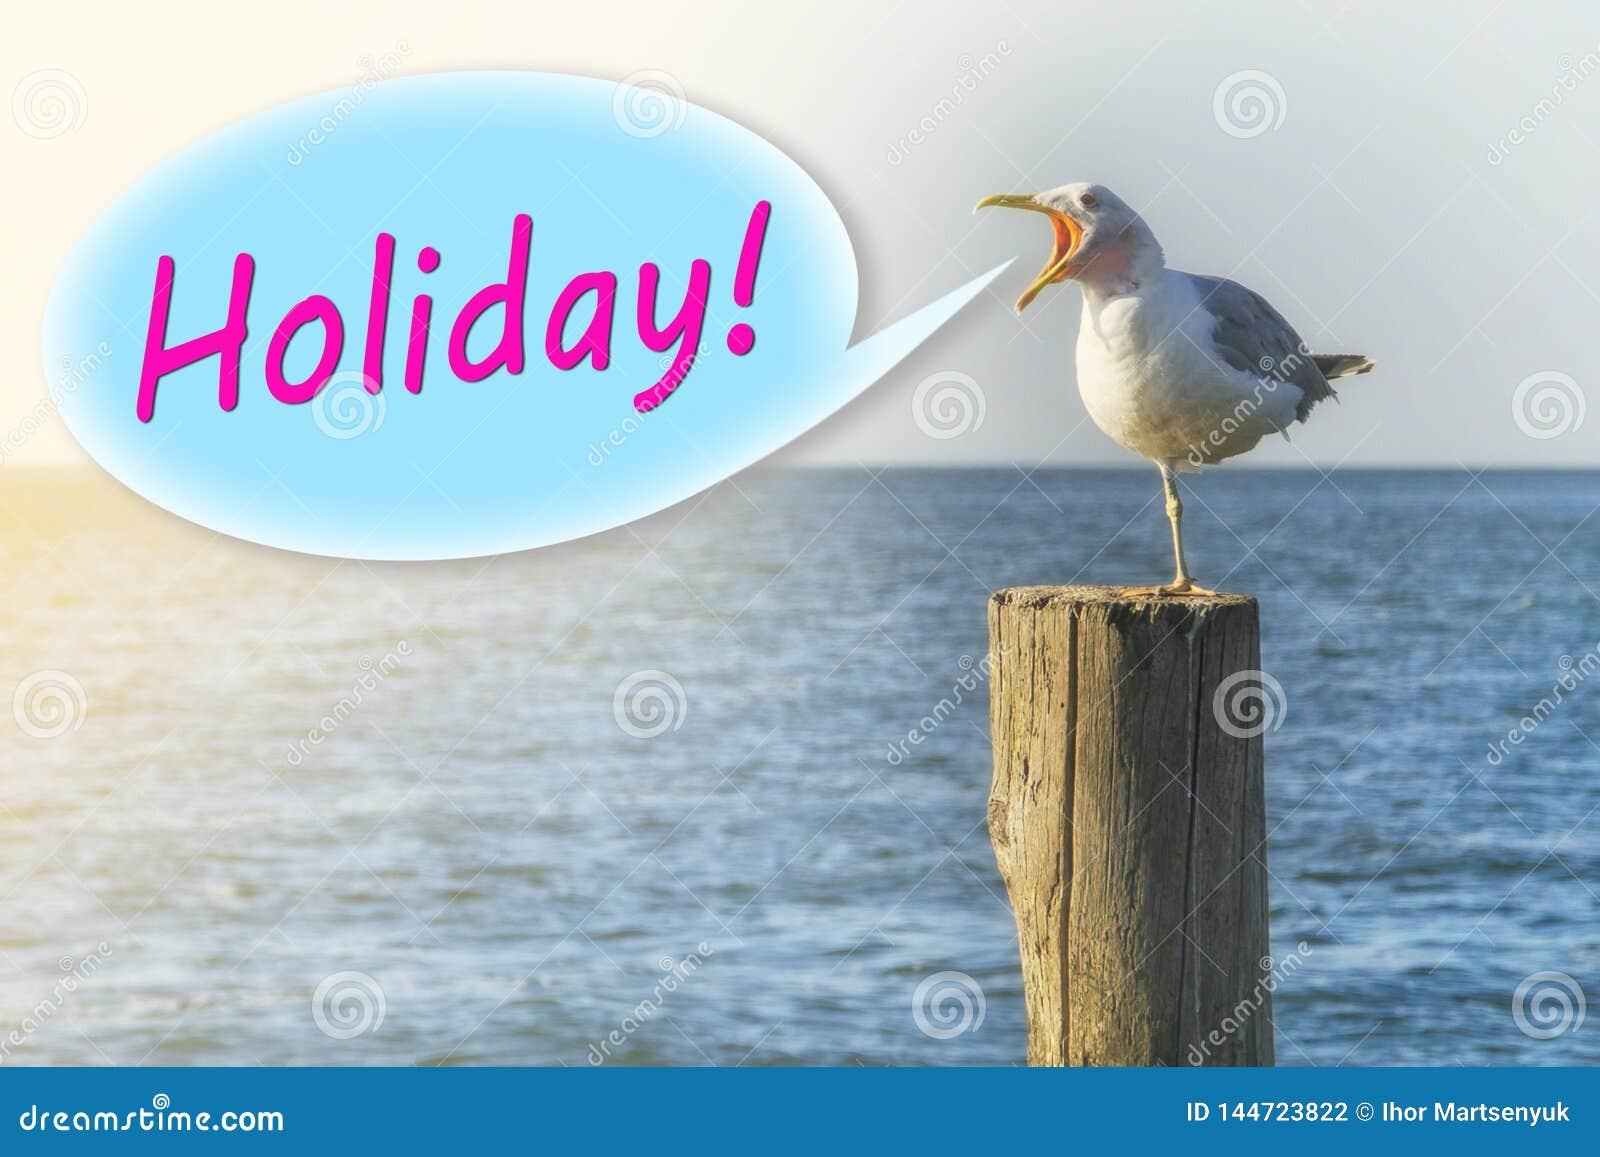 De zeemeeuw schreeuwt 'vakantie 'op een houten kolom op de kust